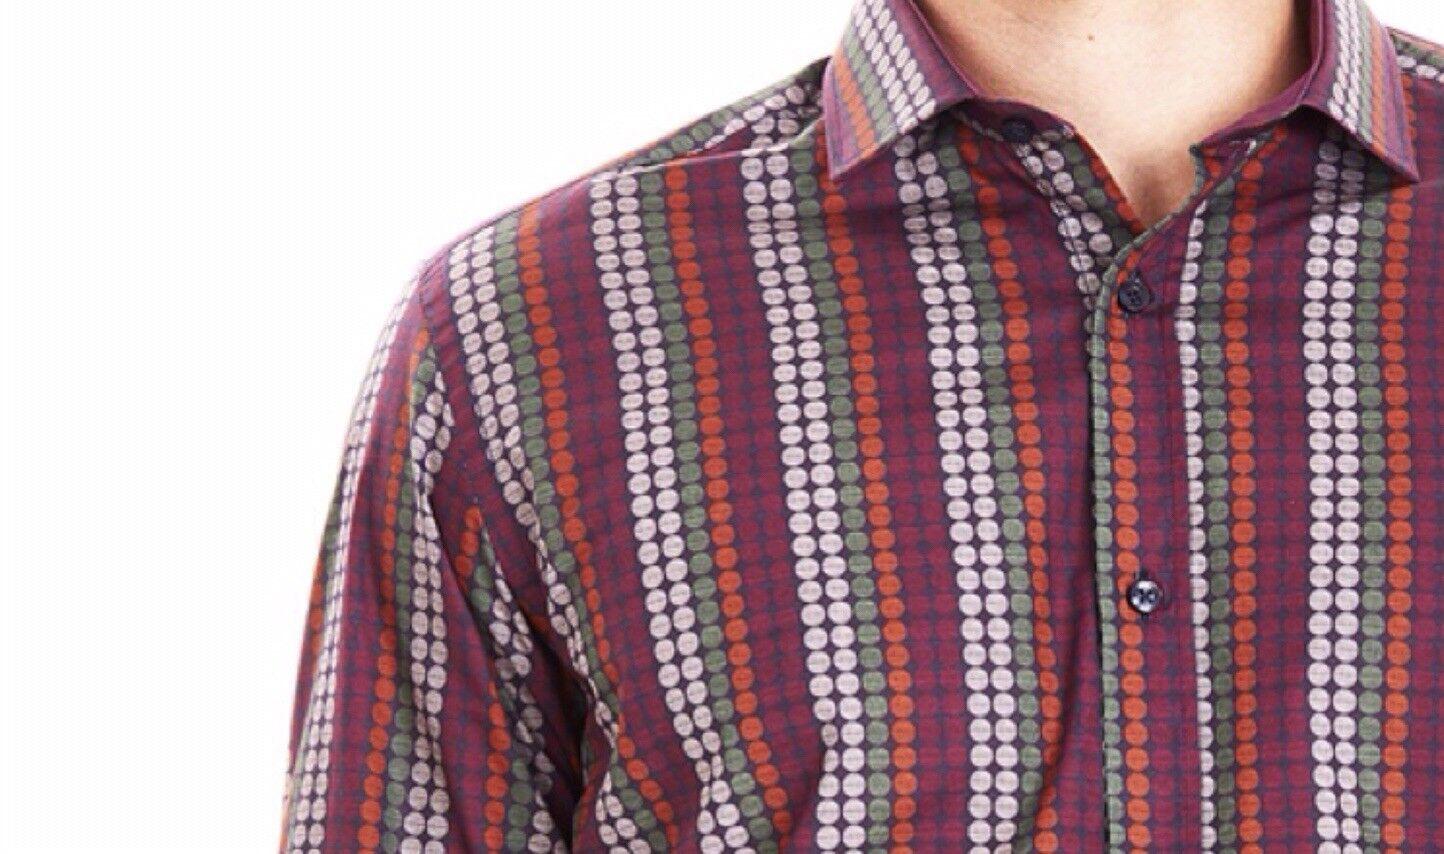 GUIDE London L S sono tro DISCO  Camicia. Multi colore. 2XL. 48  sul petto. spettacolare